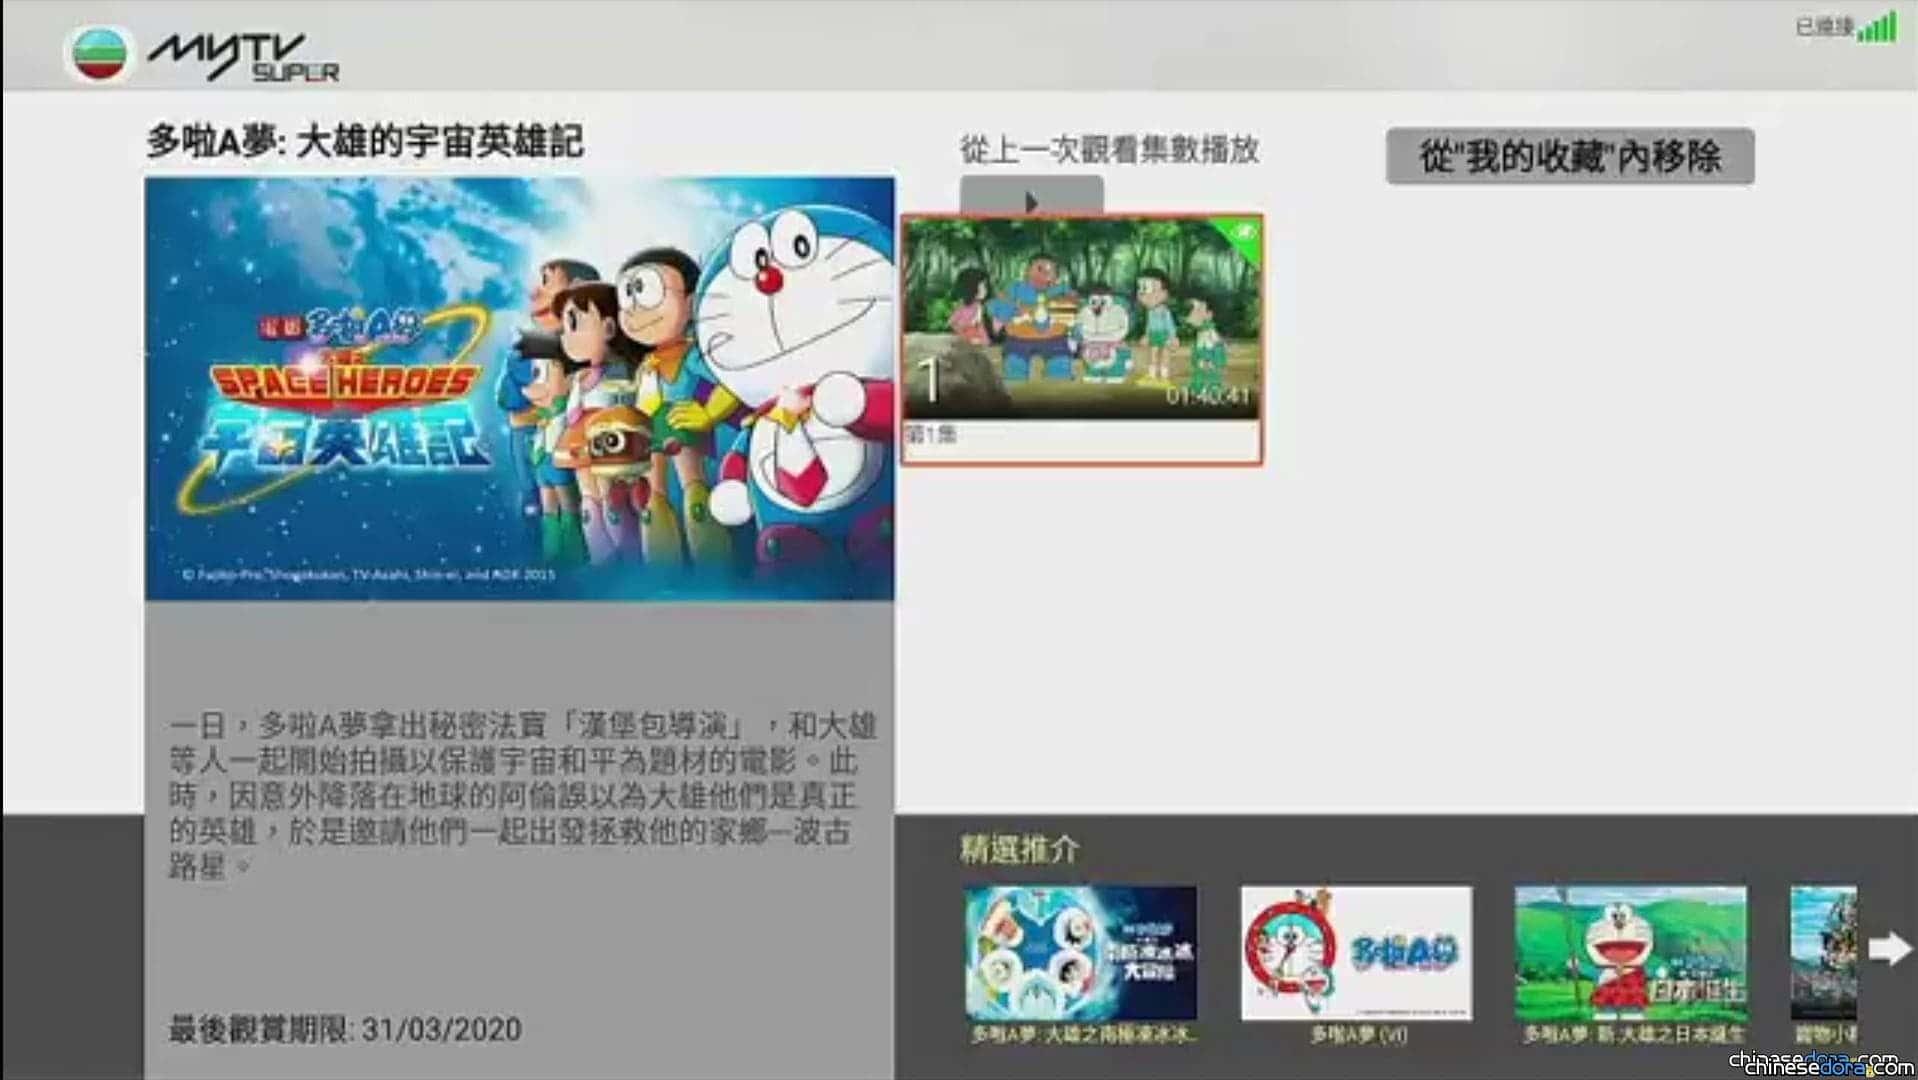 [香港] 《大雄之宇宙英雄記》3 月末從myTVSUPER免費版下架!? 拆解 myTVSUPER 免費版影片上架規律